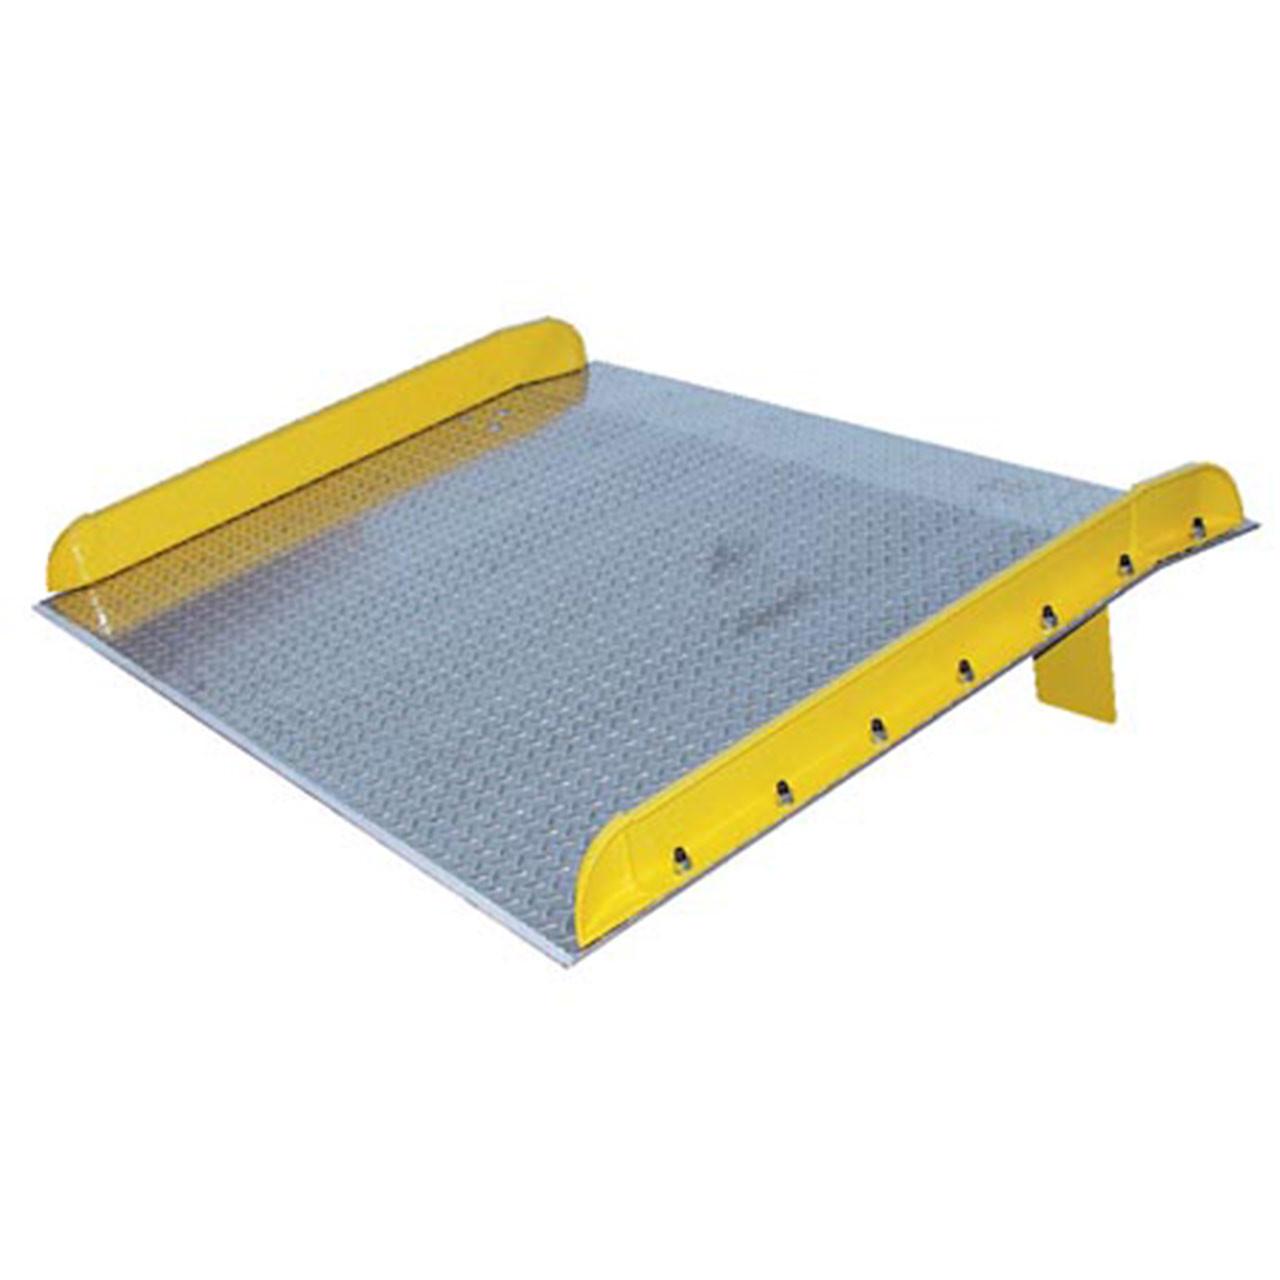 Steel Dockboard With Curbs